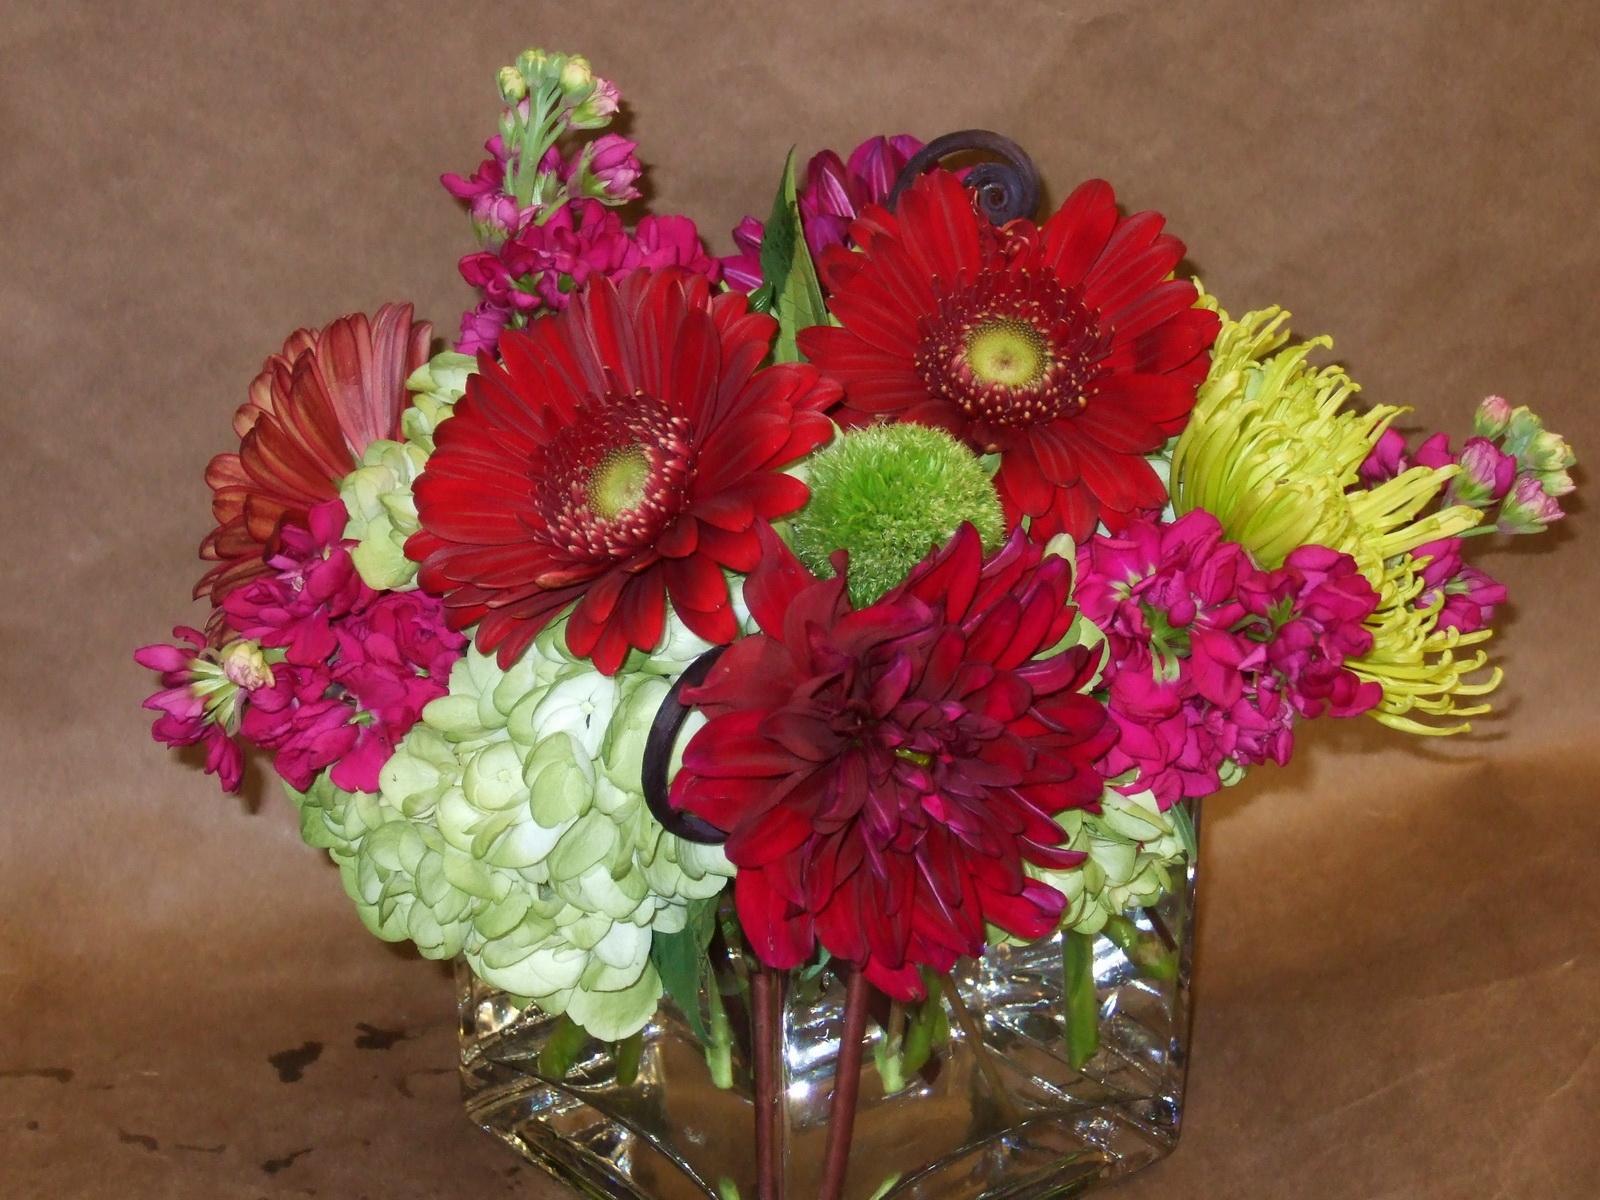 взрослые букеты хризантем в вазе фото своему значению